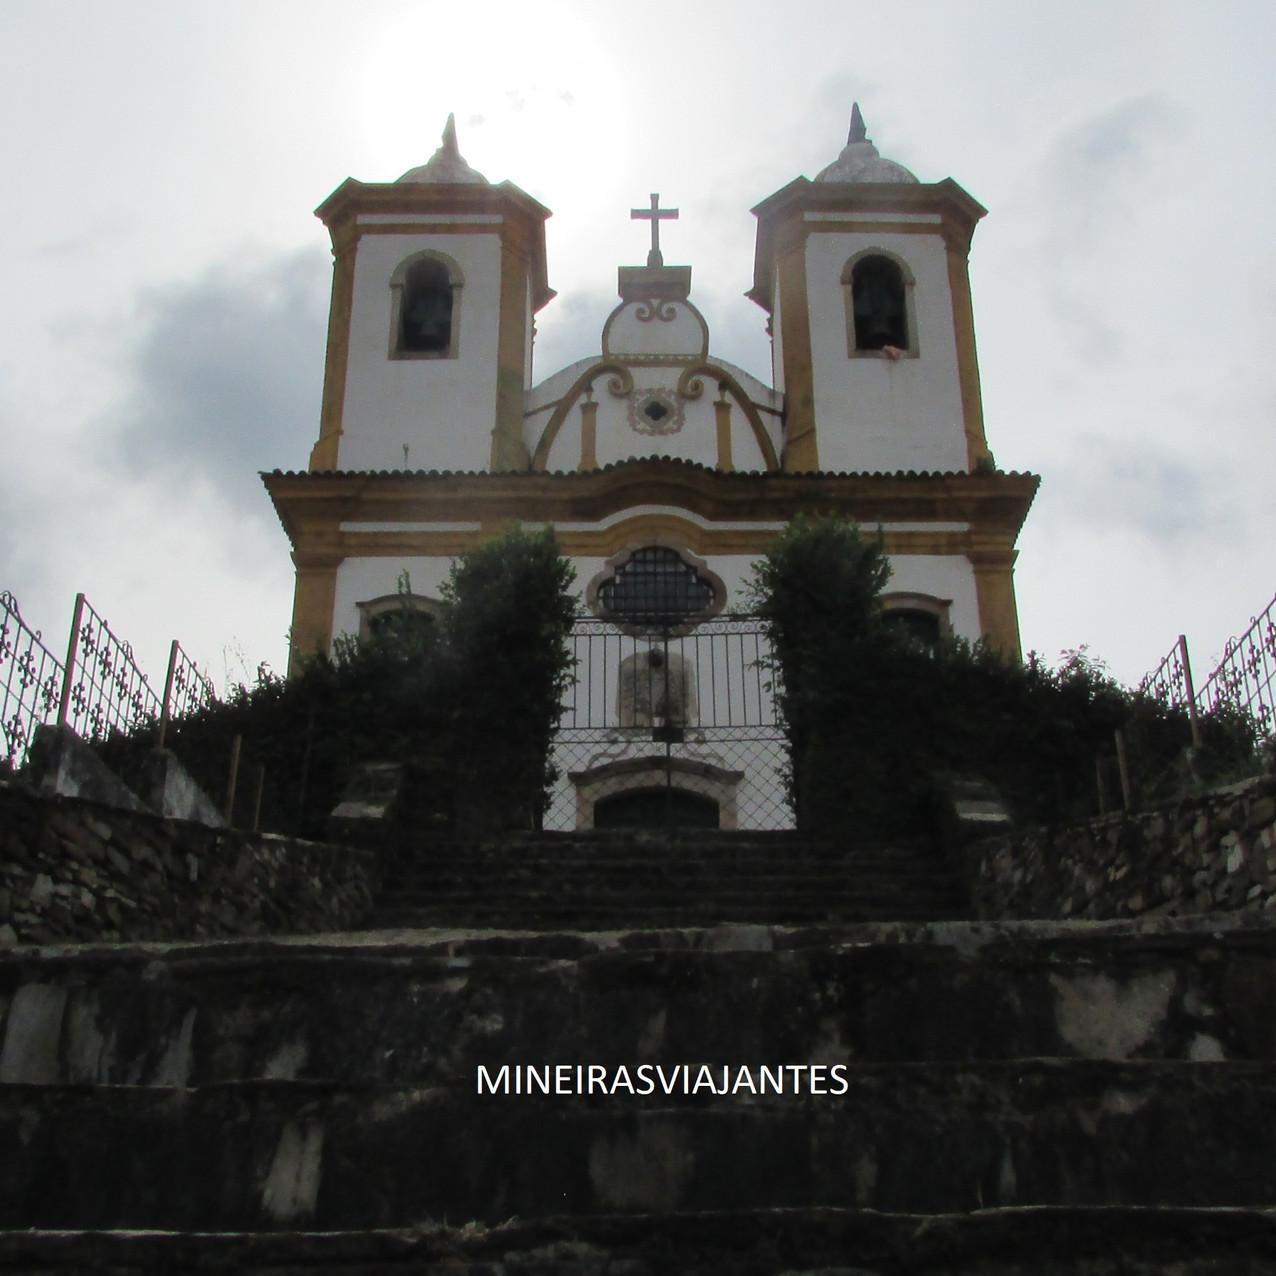 Igreja de Ouro Preto, Minas Gerais. Turismo histórico.